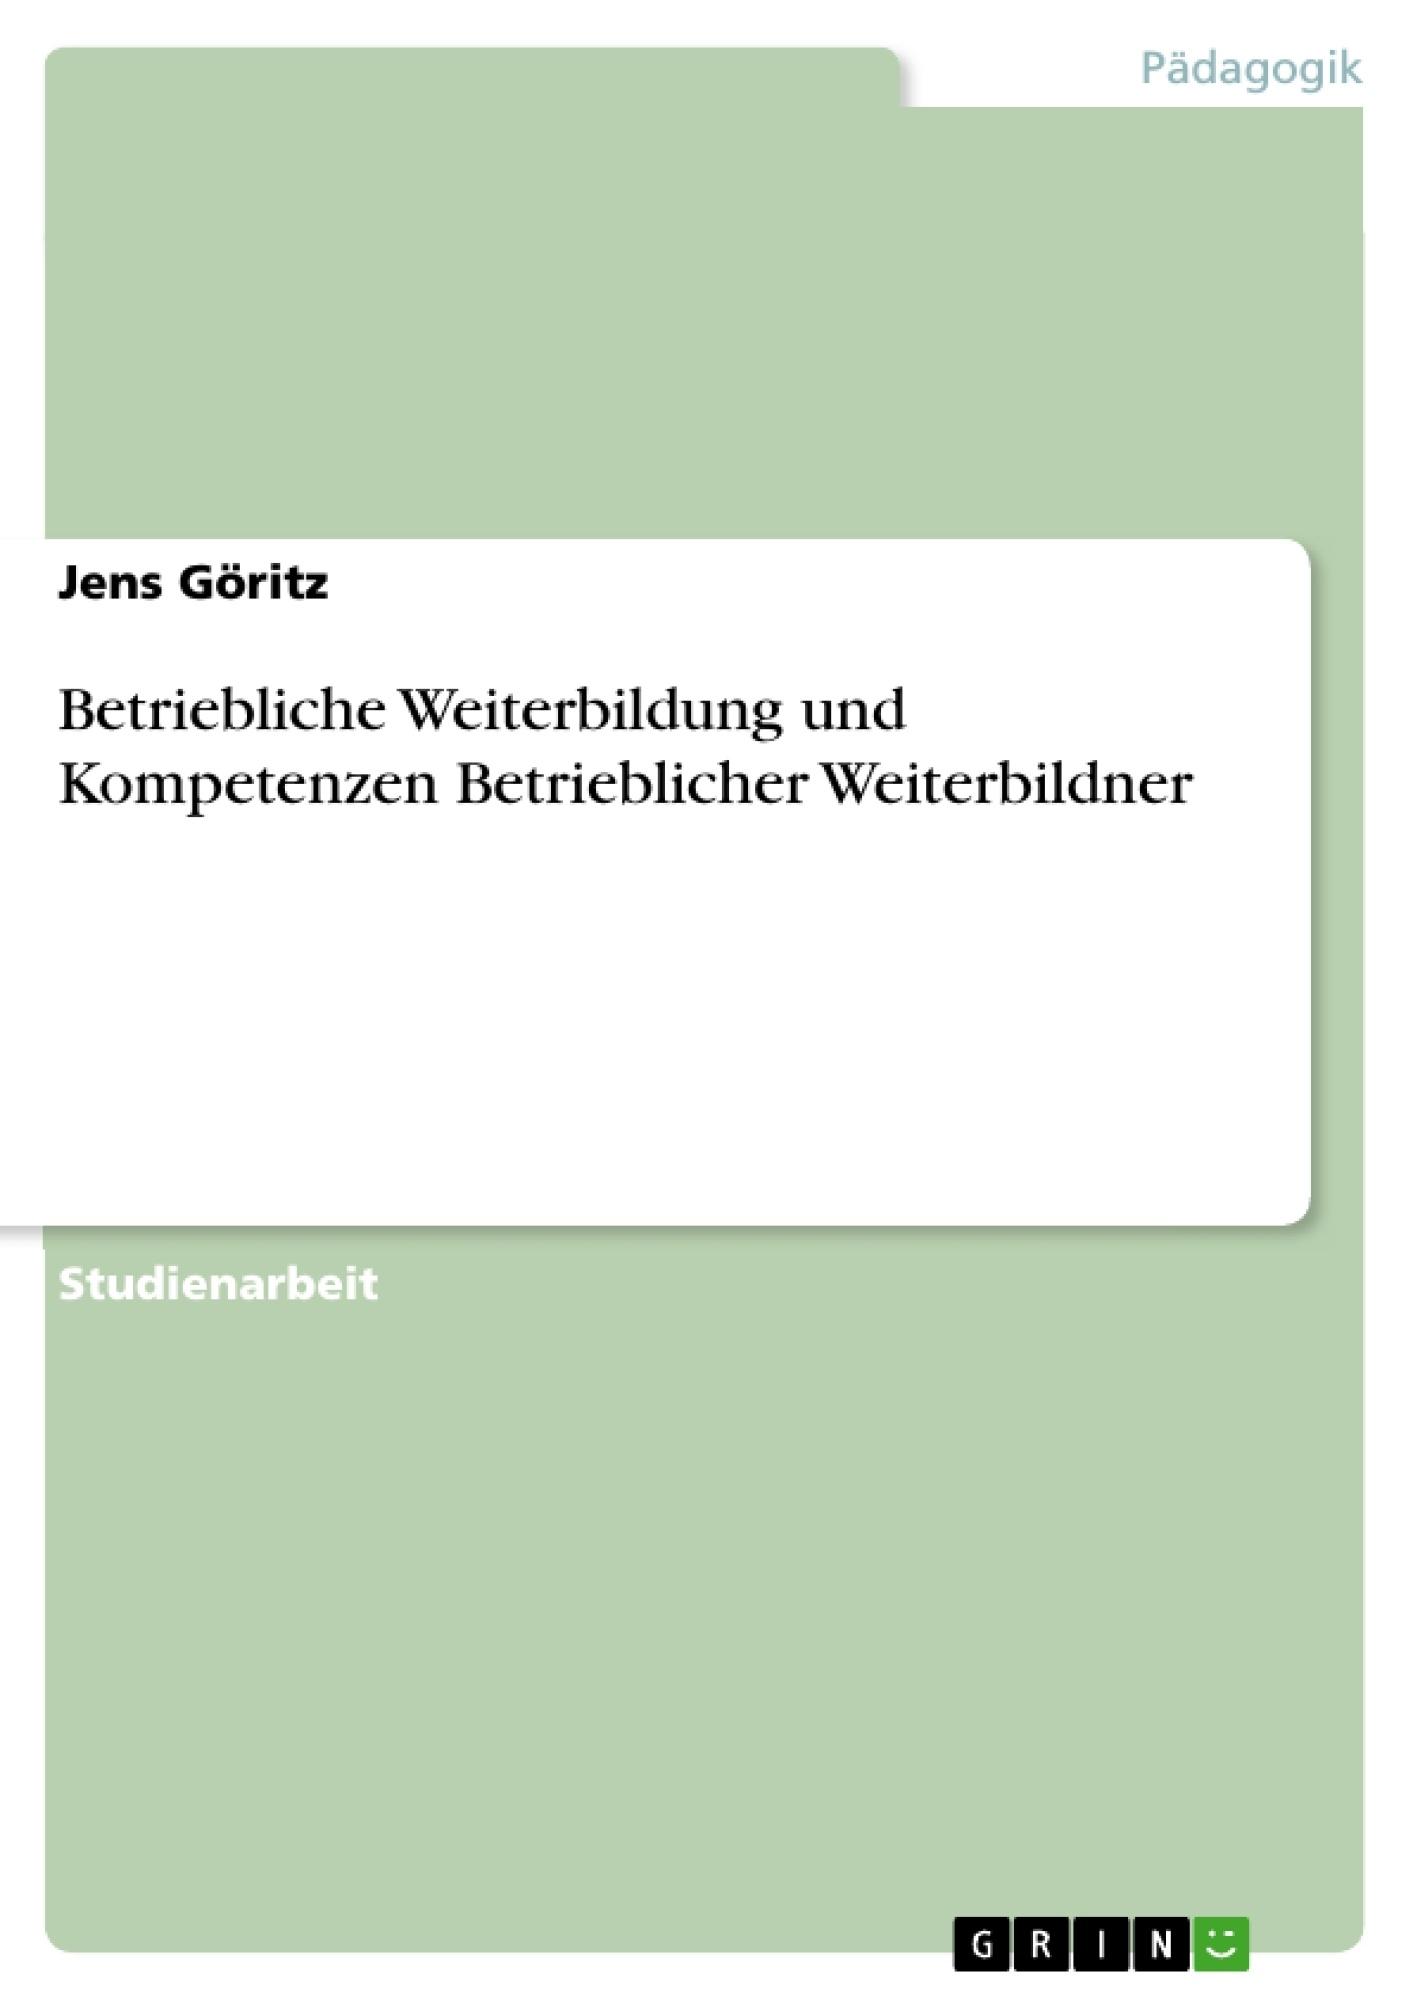 Titel: Betriebliche Weiterbildung und Kompetenzen Betrieblicher Weiterbildner